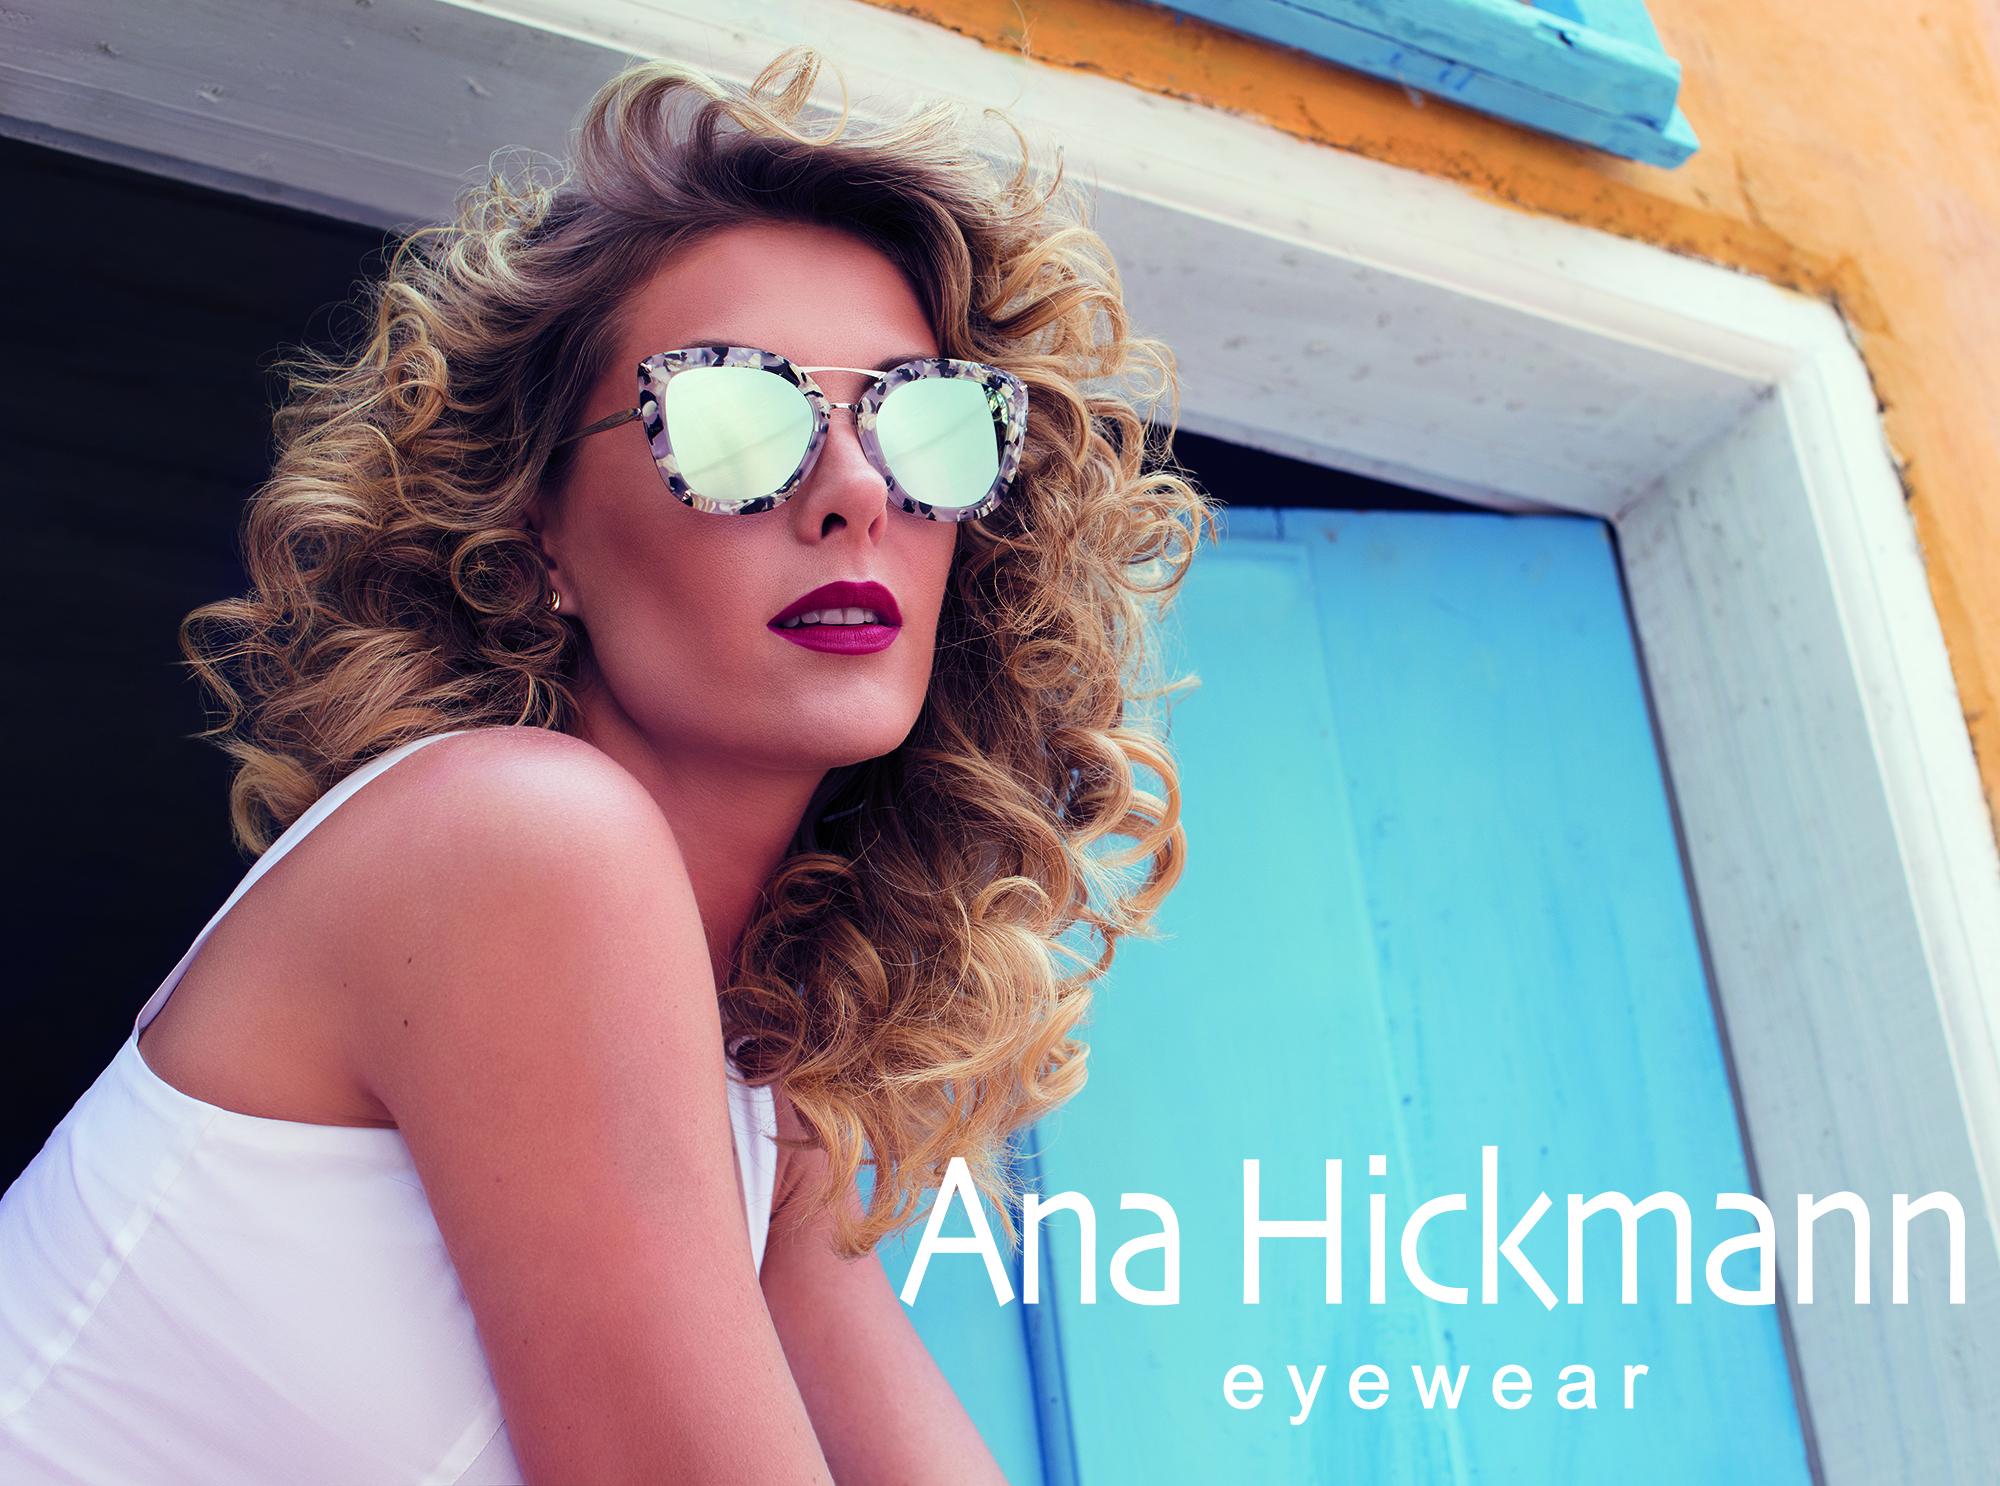 Ana Hickmann – linha de celebridade que conquistou o público 83f10dde17